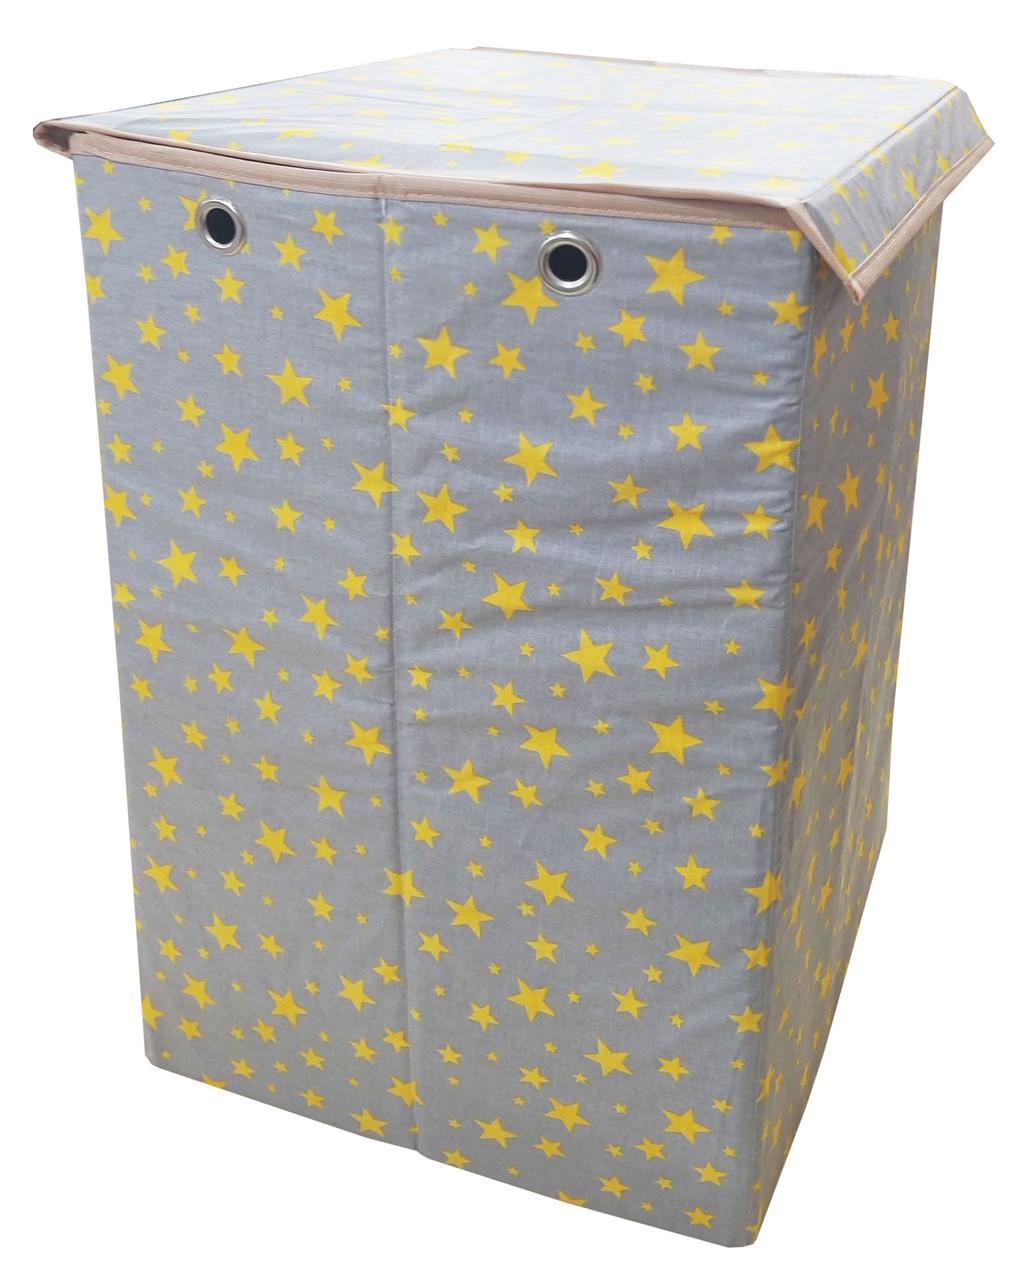 Детский ящик для игрушек Звезды на сером, 35*35 см